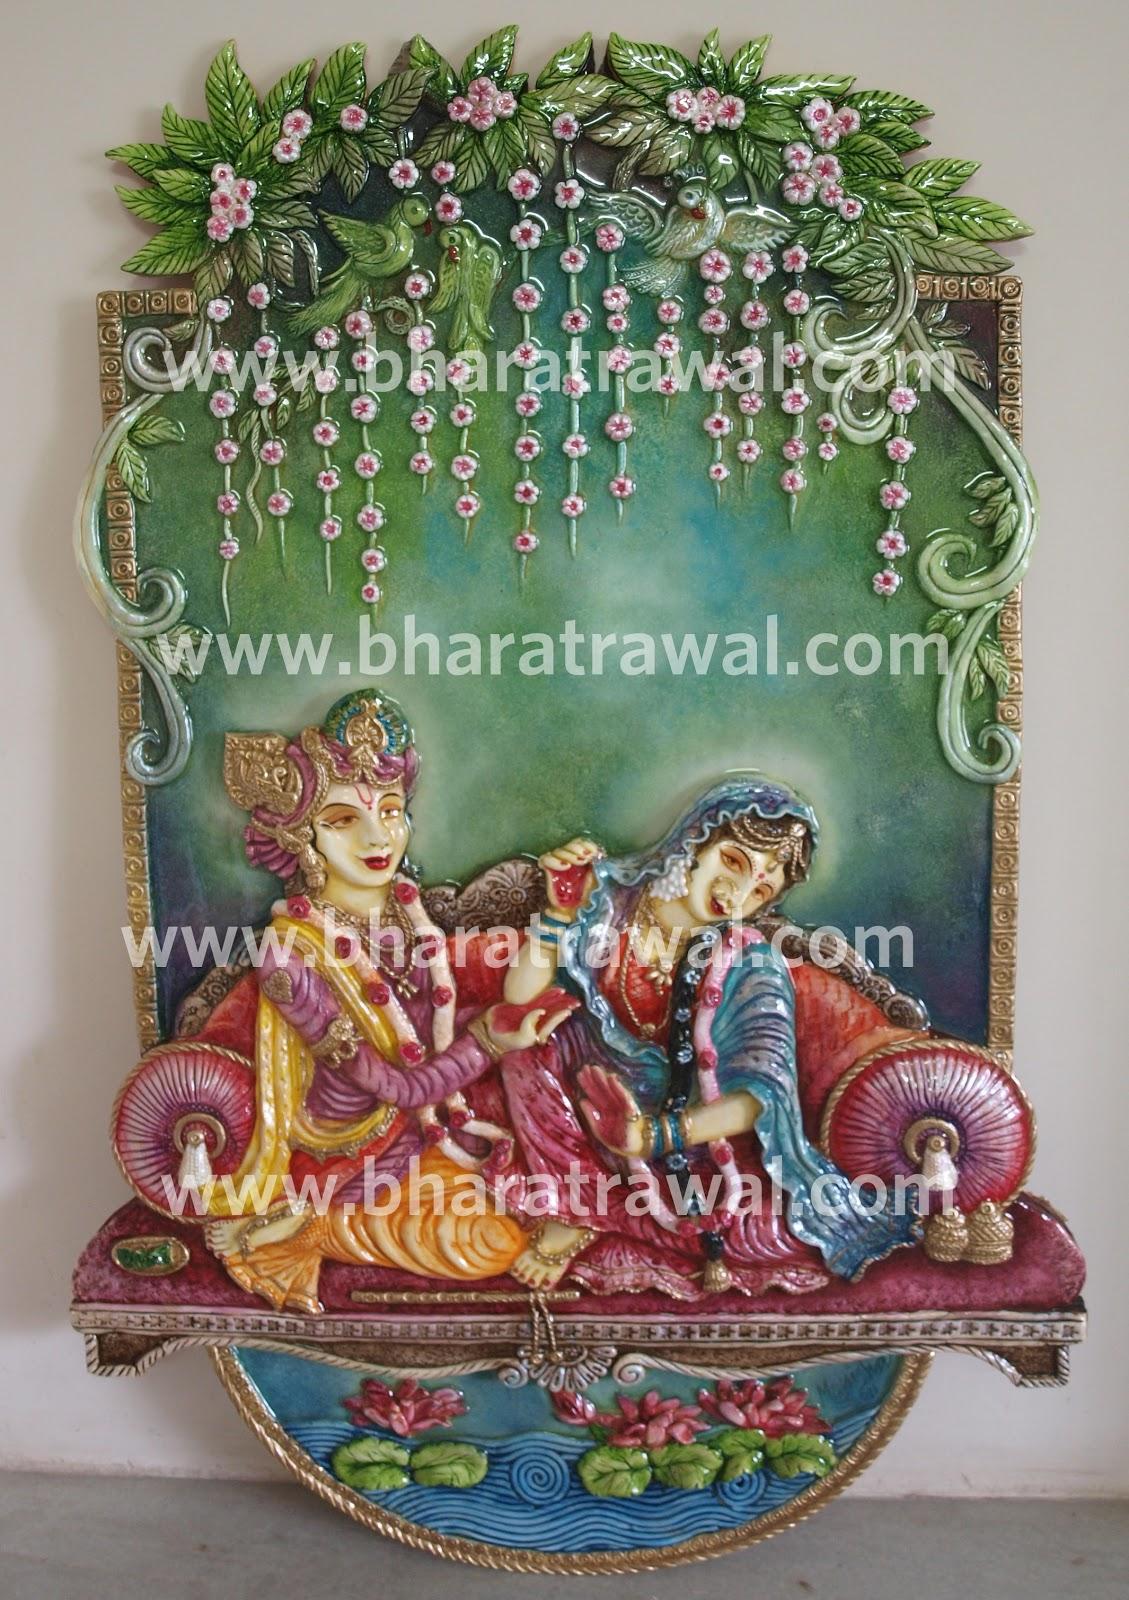 Mural art by muralguru bharat rawal mural art by for 3d ceramic mural art